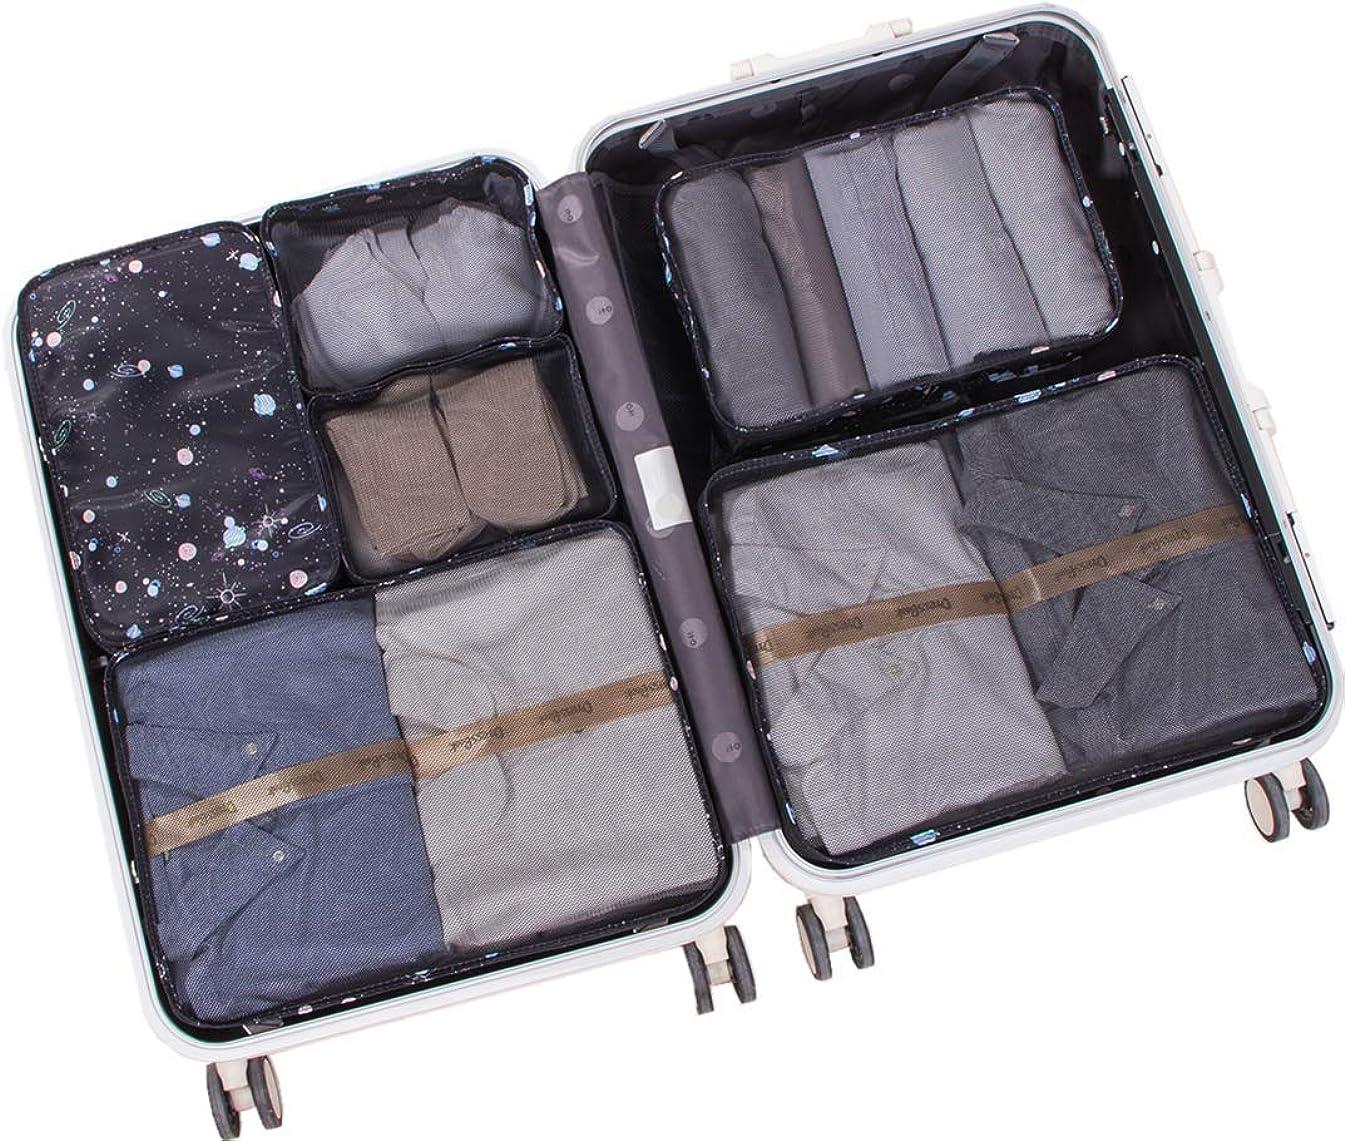 アジア人ログ吹きさらしトラベルポーチ アレンジケース 6点セット 軽量 大容量 旅行 出張 衣類収納 スーツケース整理 靴入れ 小物入れ パッキングキューブ